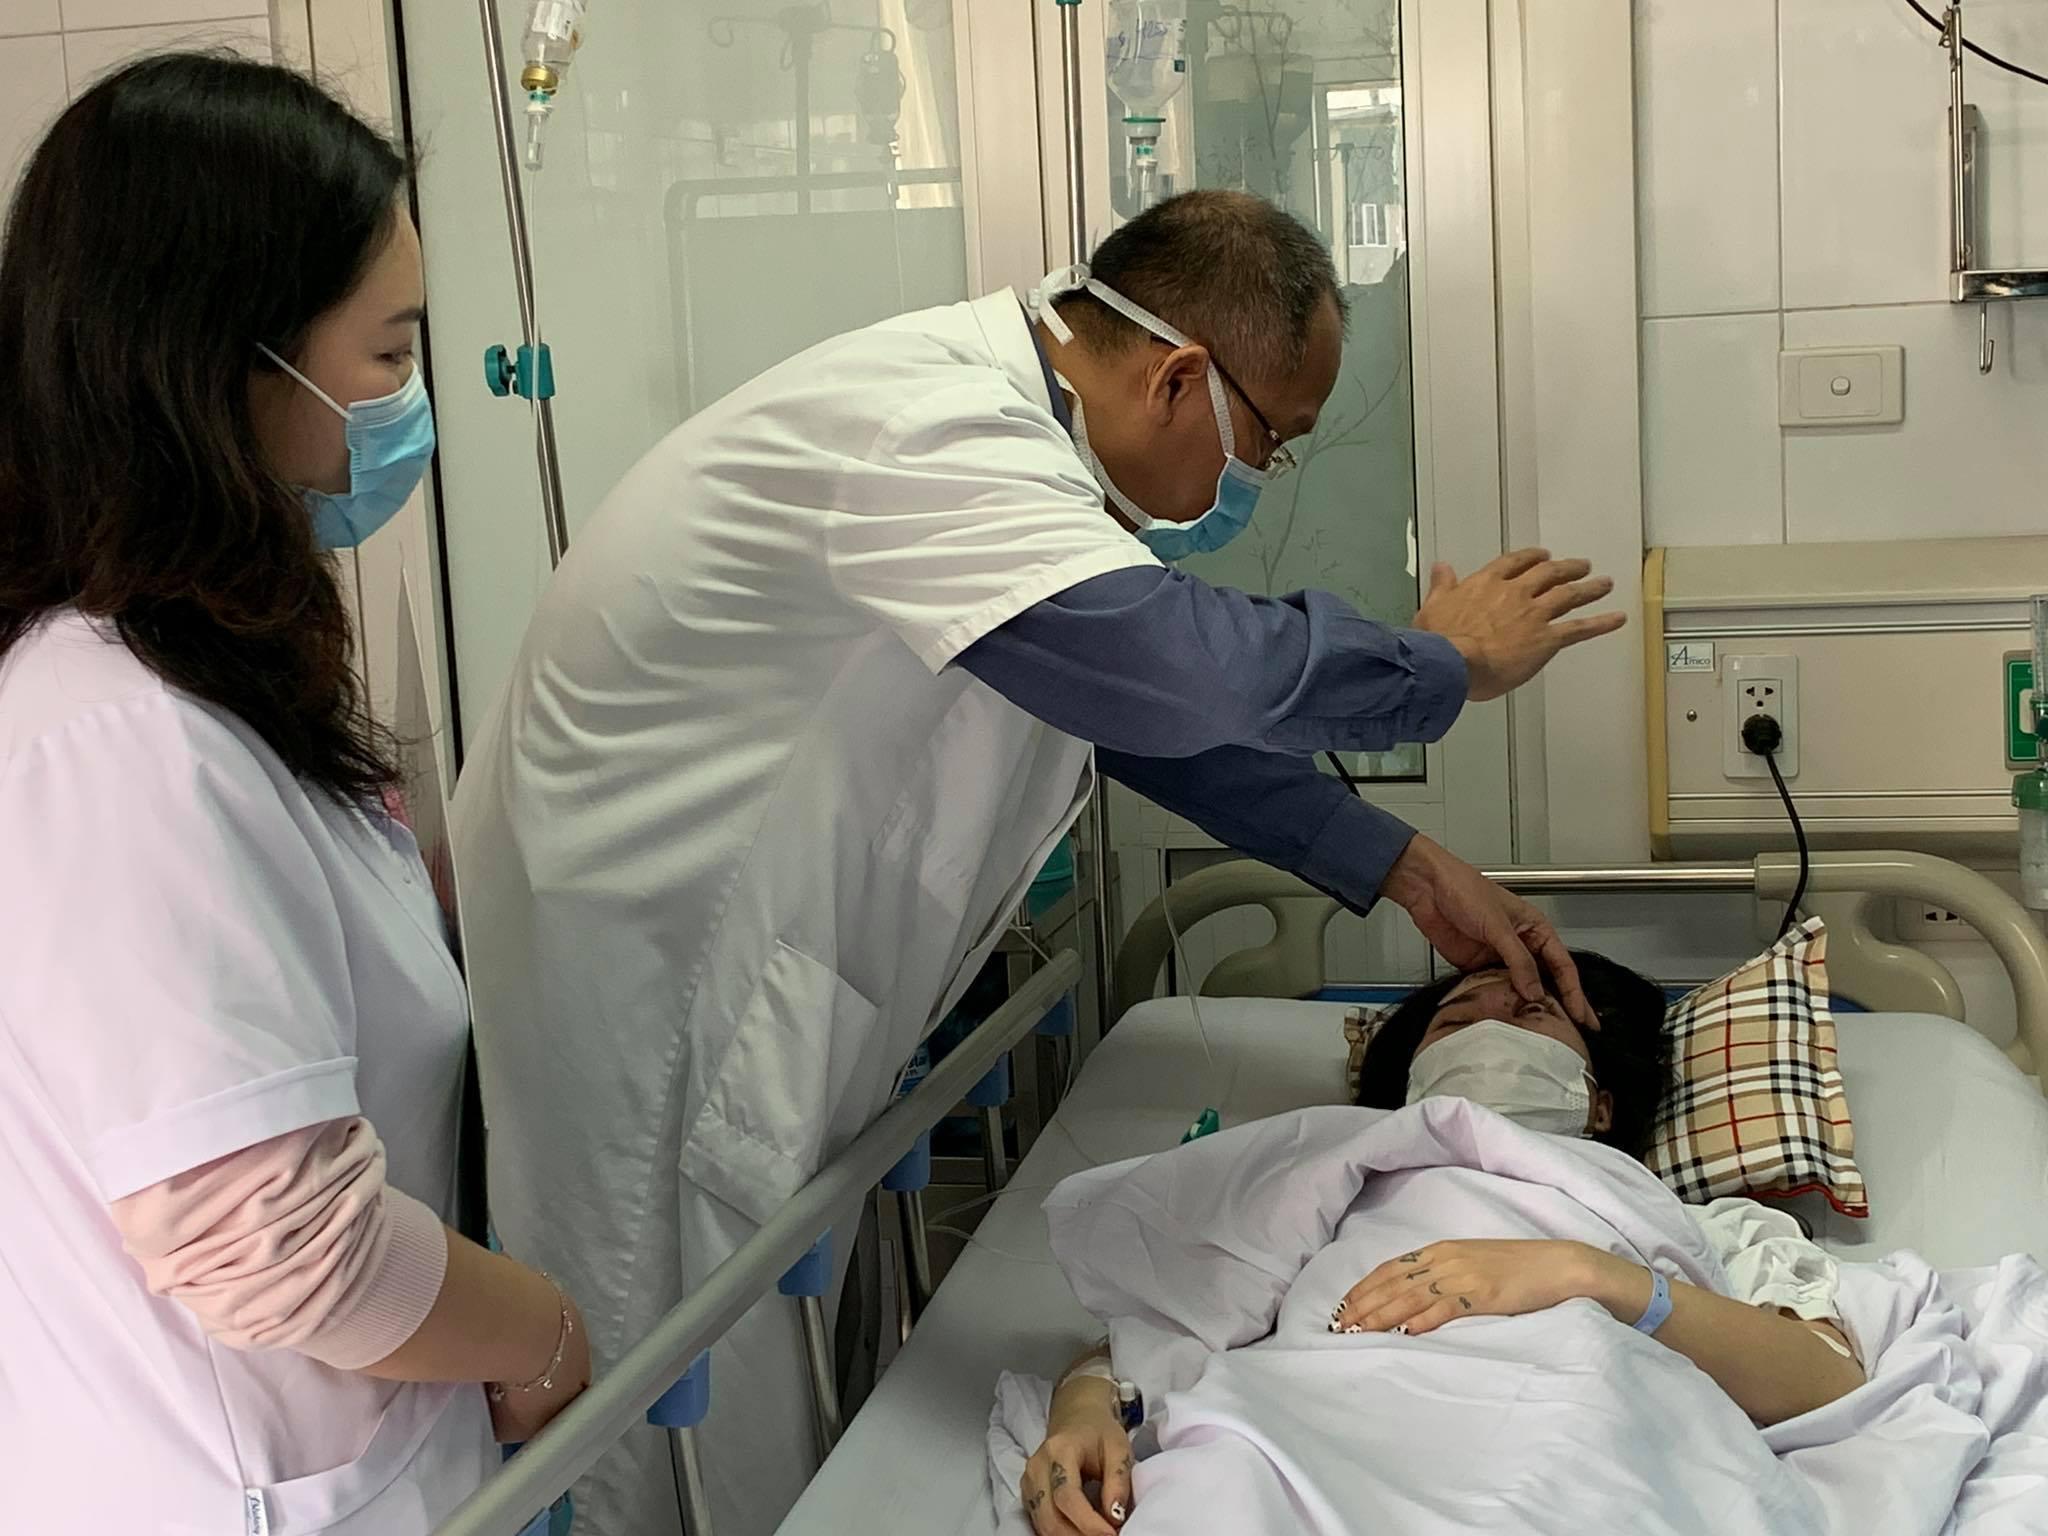 Tiêm filler nâng mũi làm đẹp, thiếu nữ ở Bắc Ninh bị mù, hoảng loạn